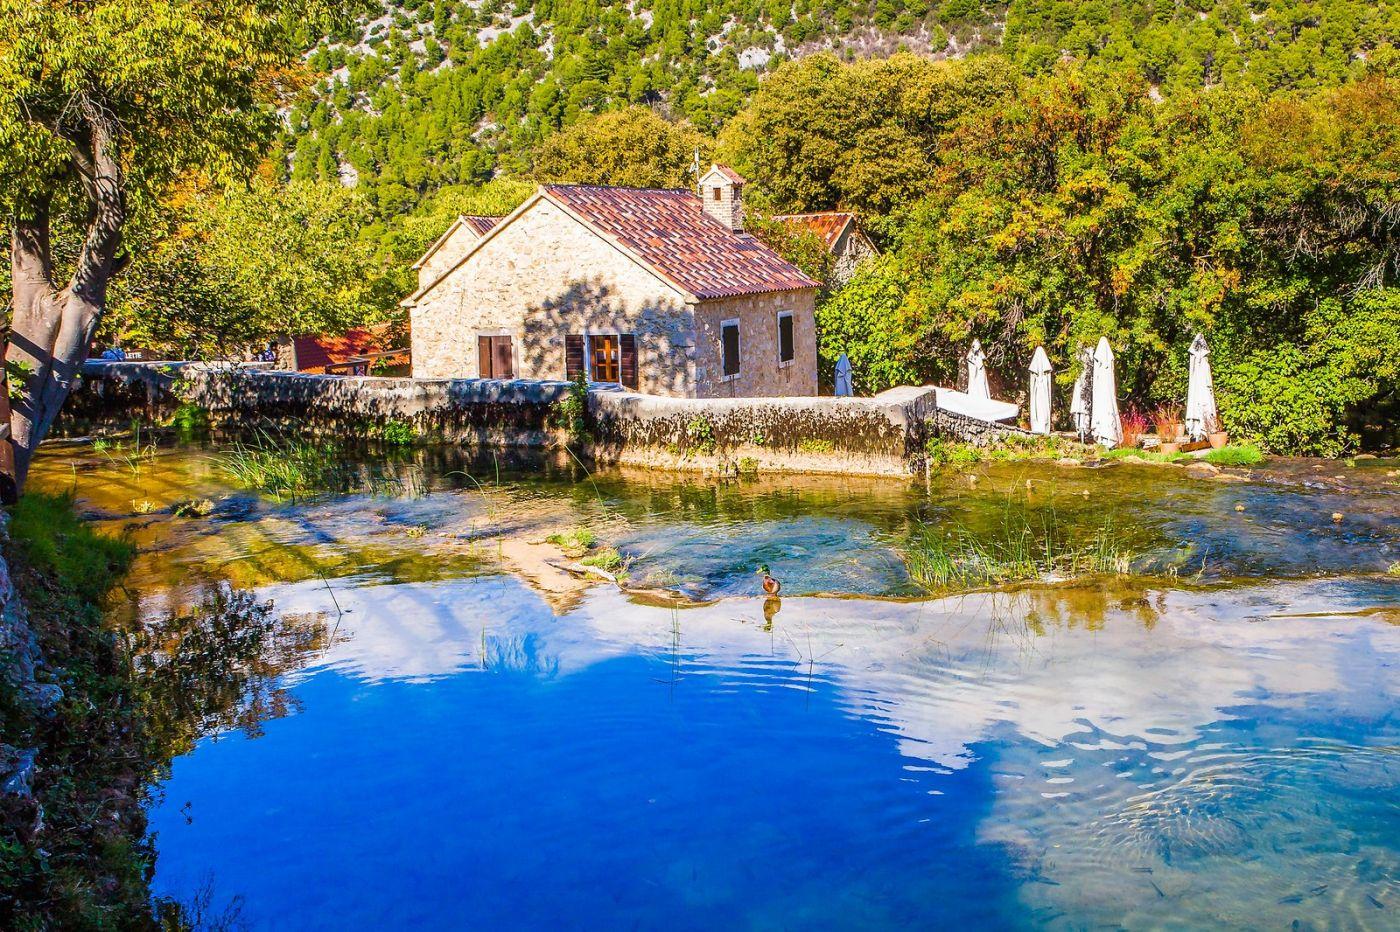 克罗地亚克尔卡国家公园(Krka National Park),小桥小路小房_图1-25